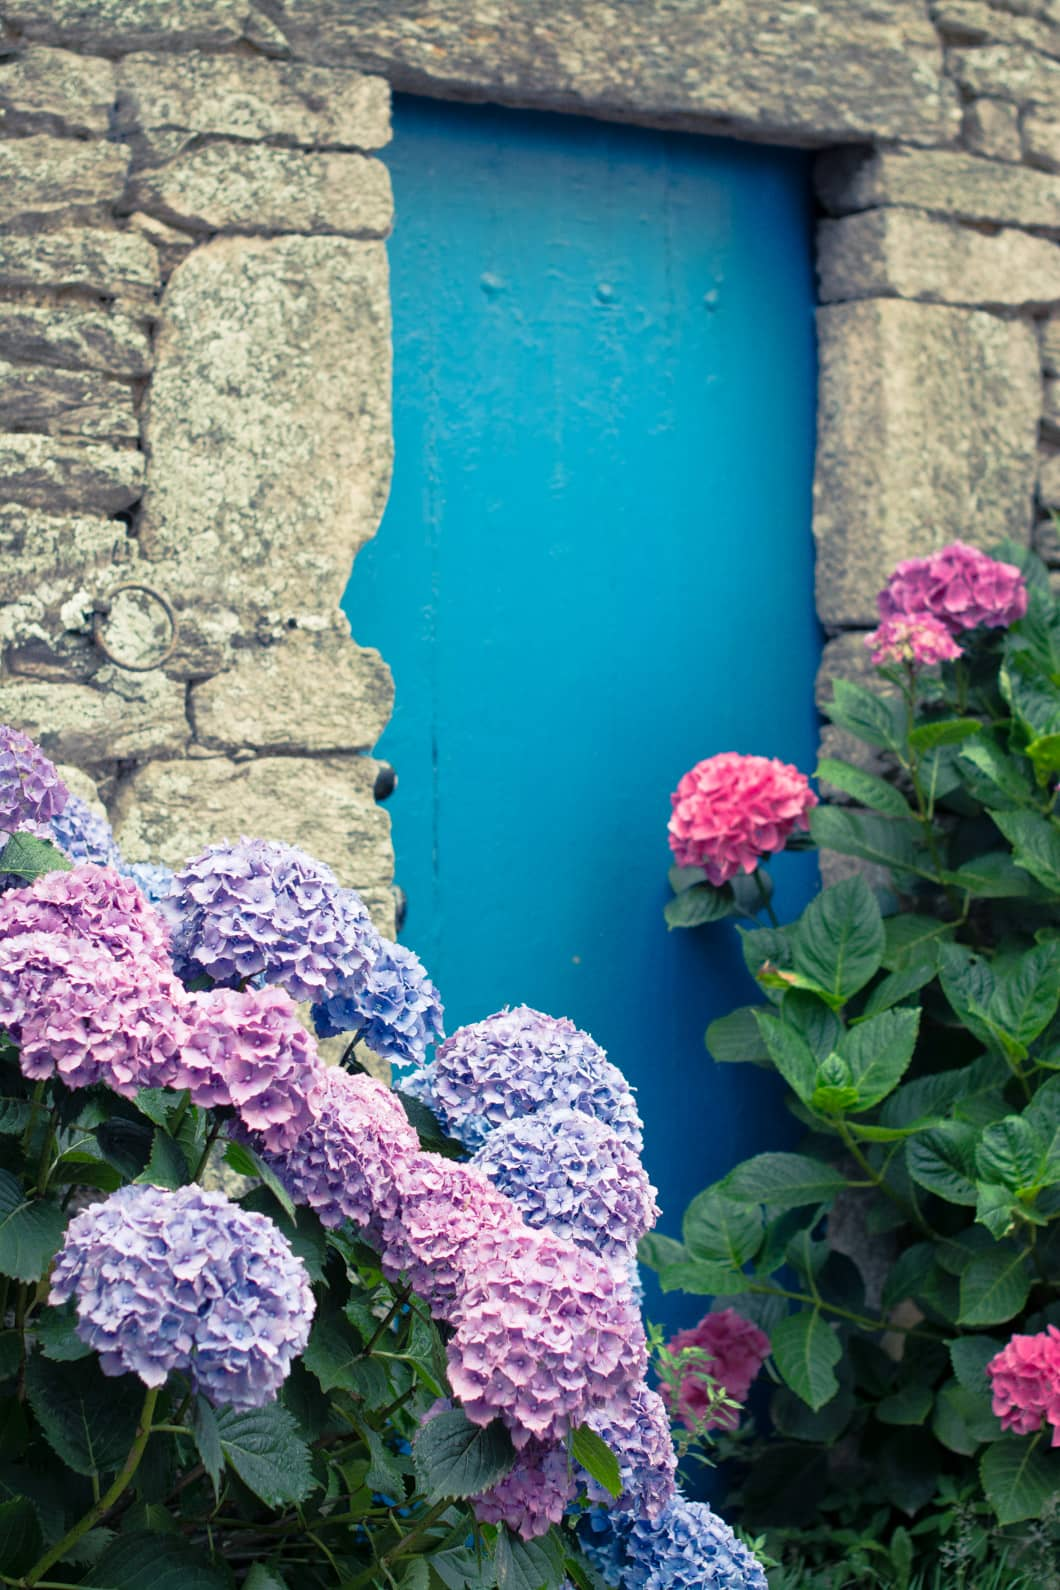 Les hortensias de l'île de Groix en Bretagne - 22 v'la Scarlett